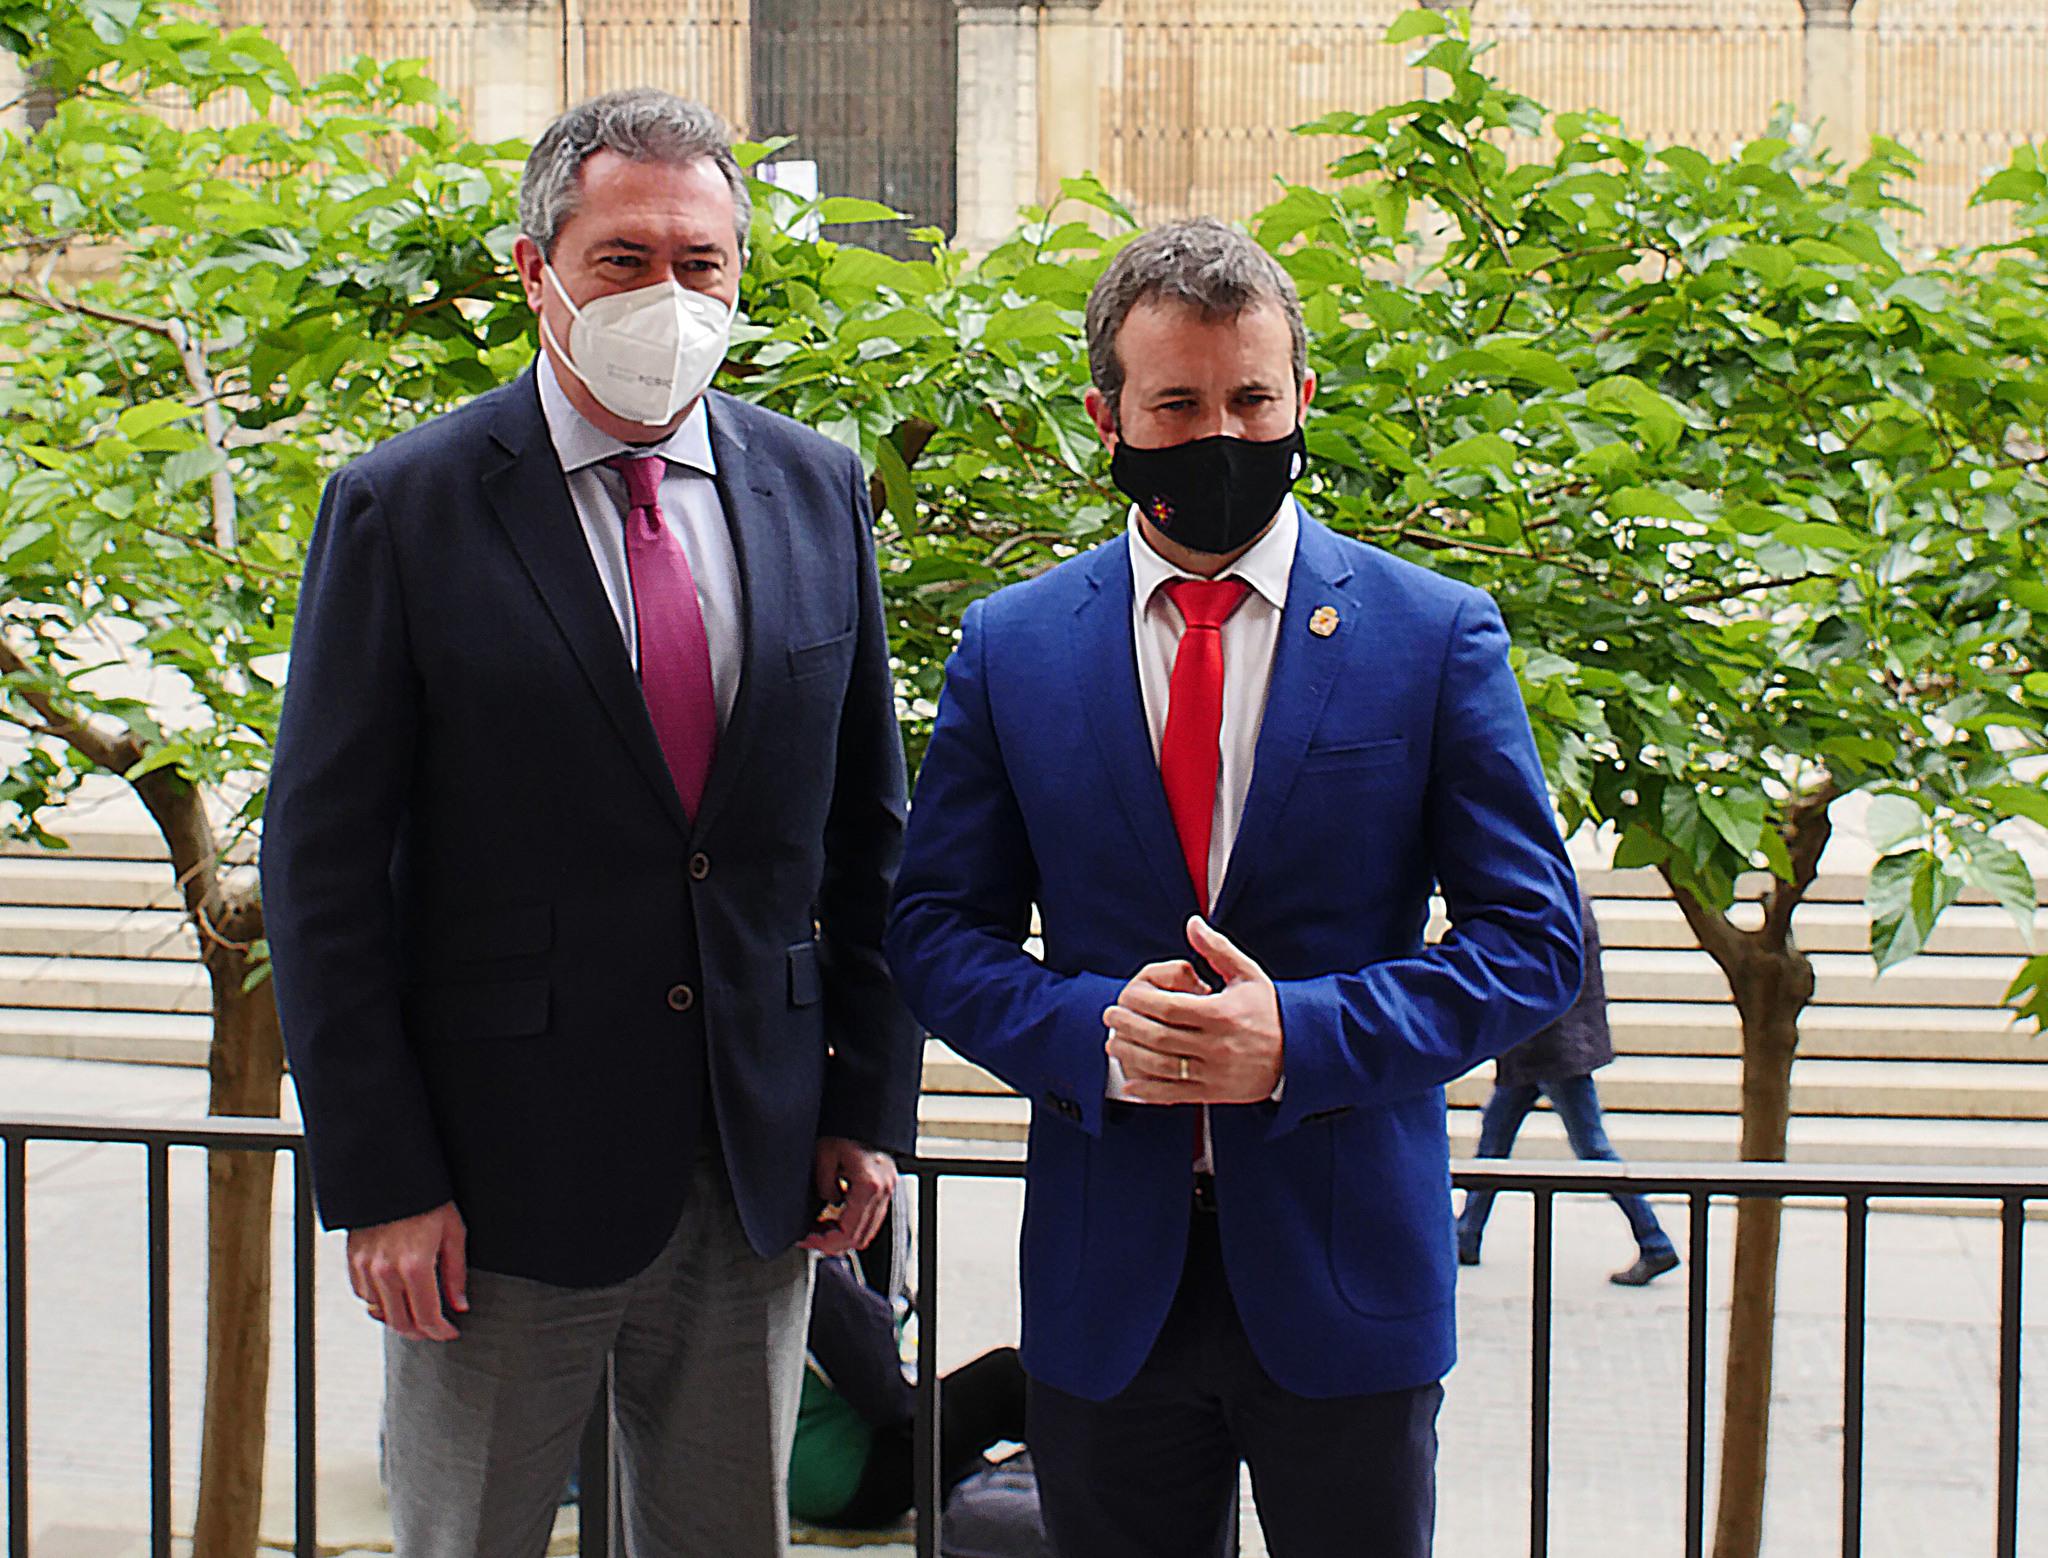 El alcalde de Sevilla, Juan Espadas, y el regidor de Jaén, el socialista Julio Millán, este miércoles.